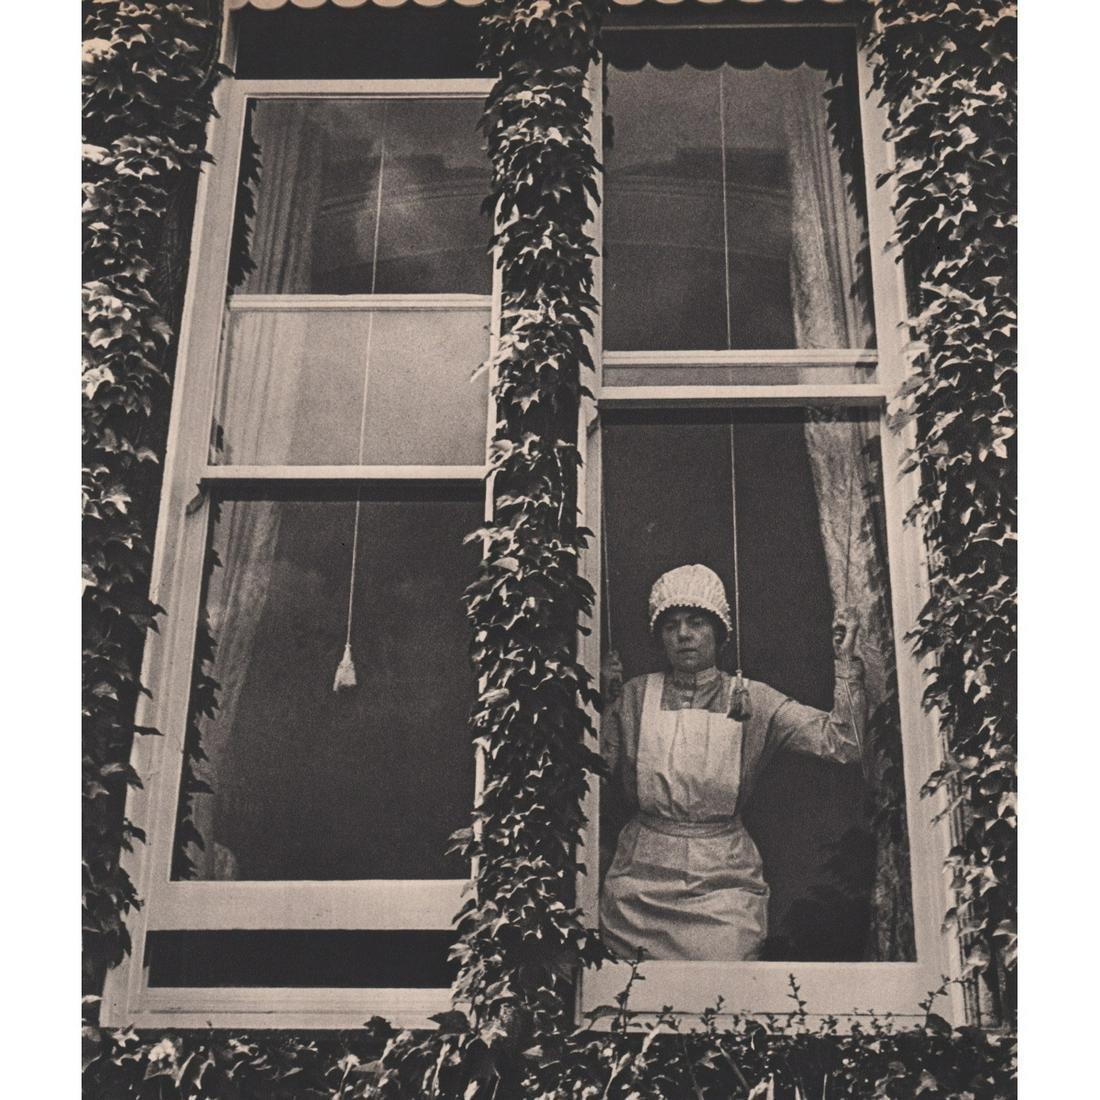 BILL BRANDT - Parlourmaid At a Window